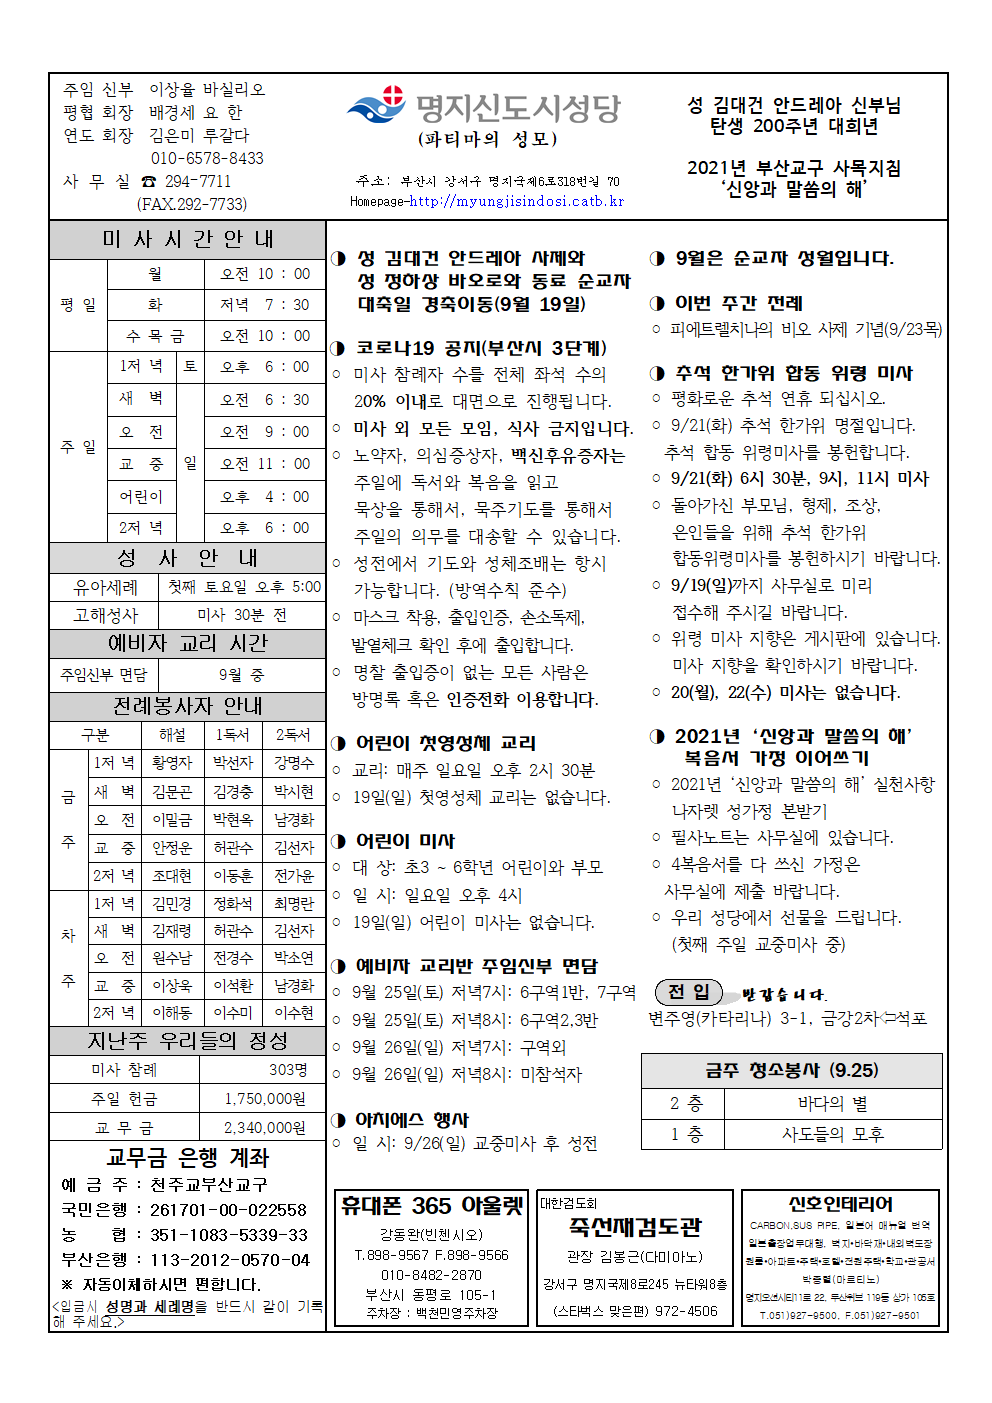 명지신도시20210919001.png